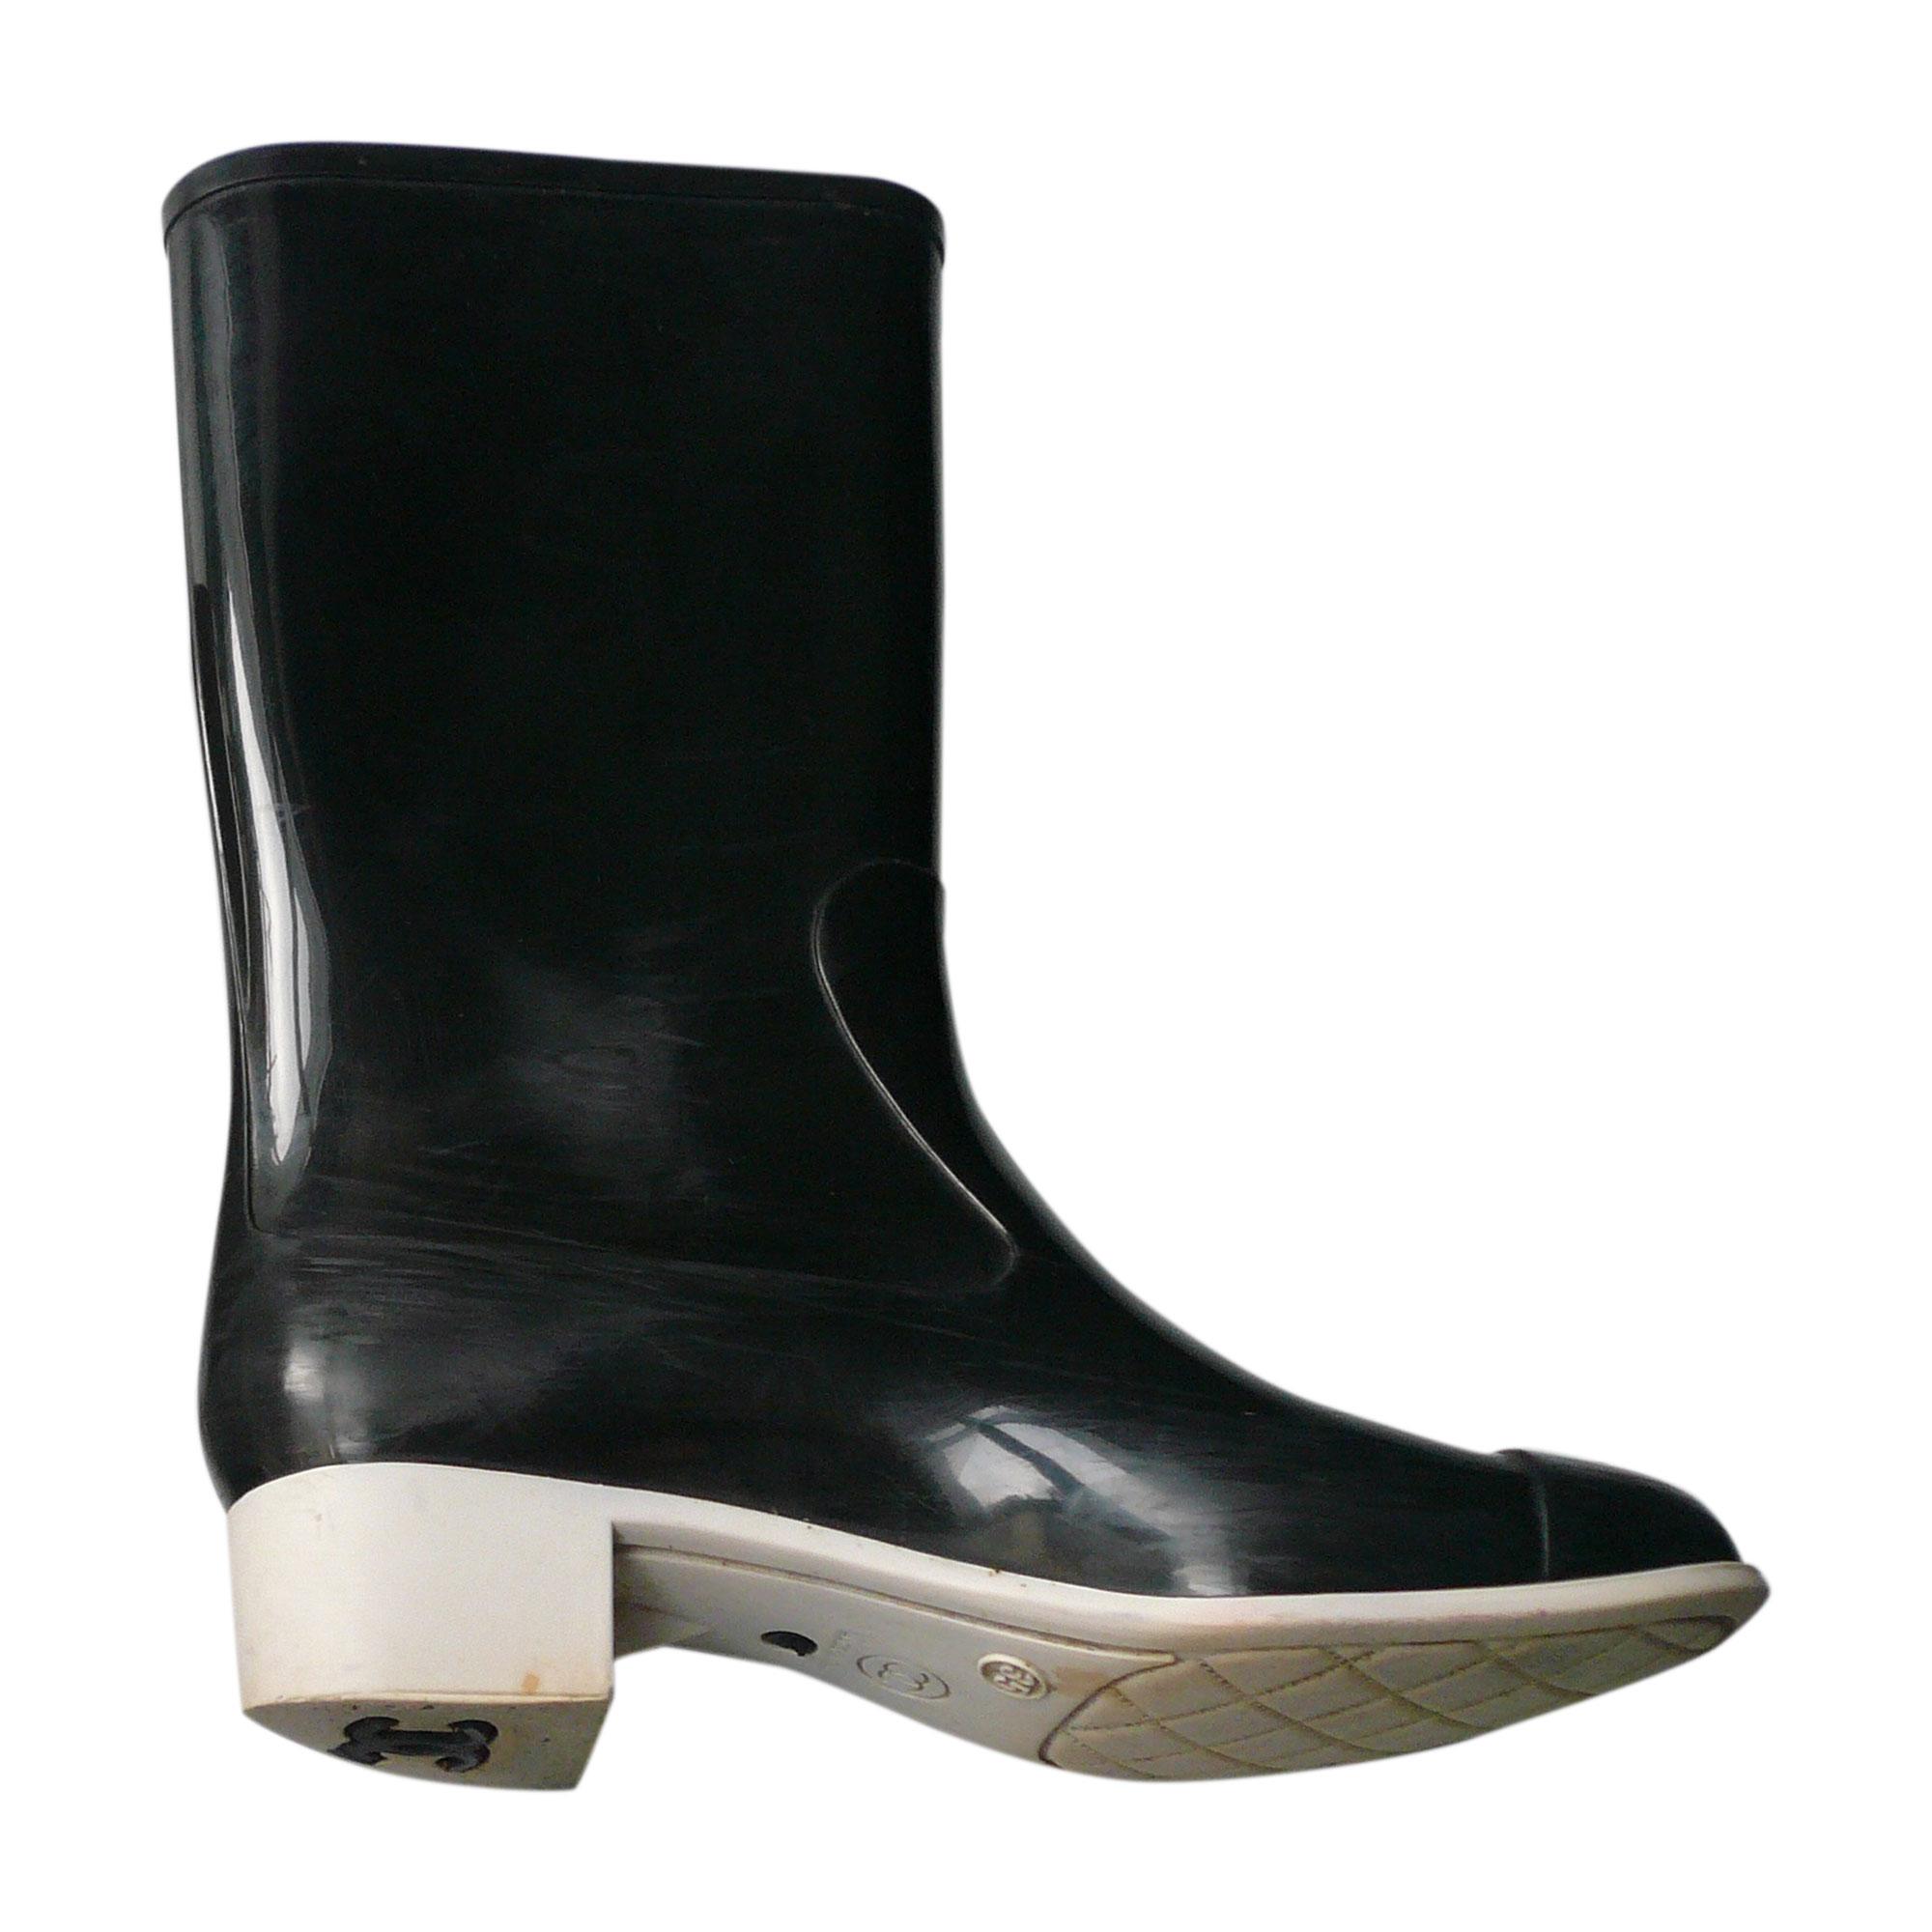 Bottes de pluie CHANEL 35 noir - 7359010 ab831978a6b